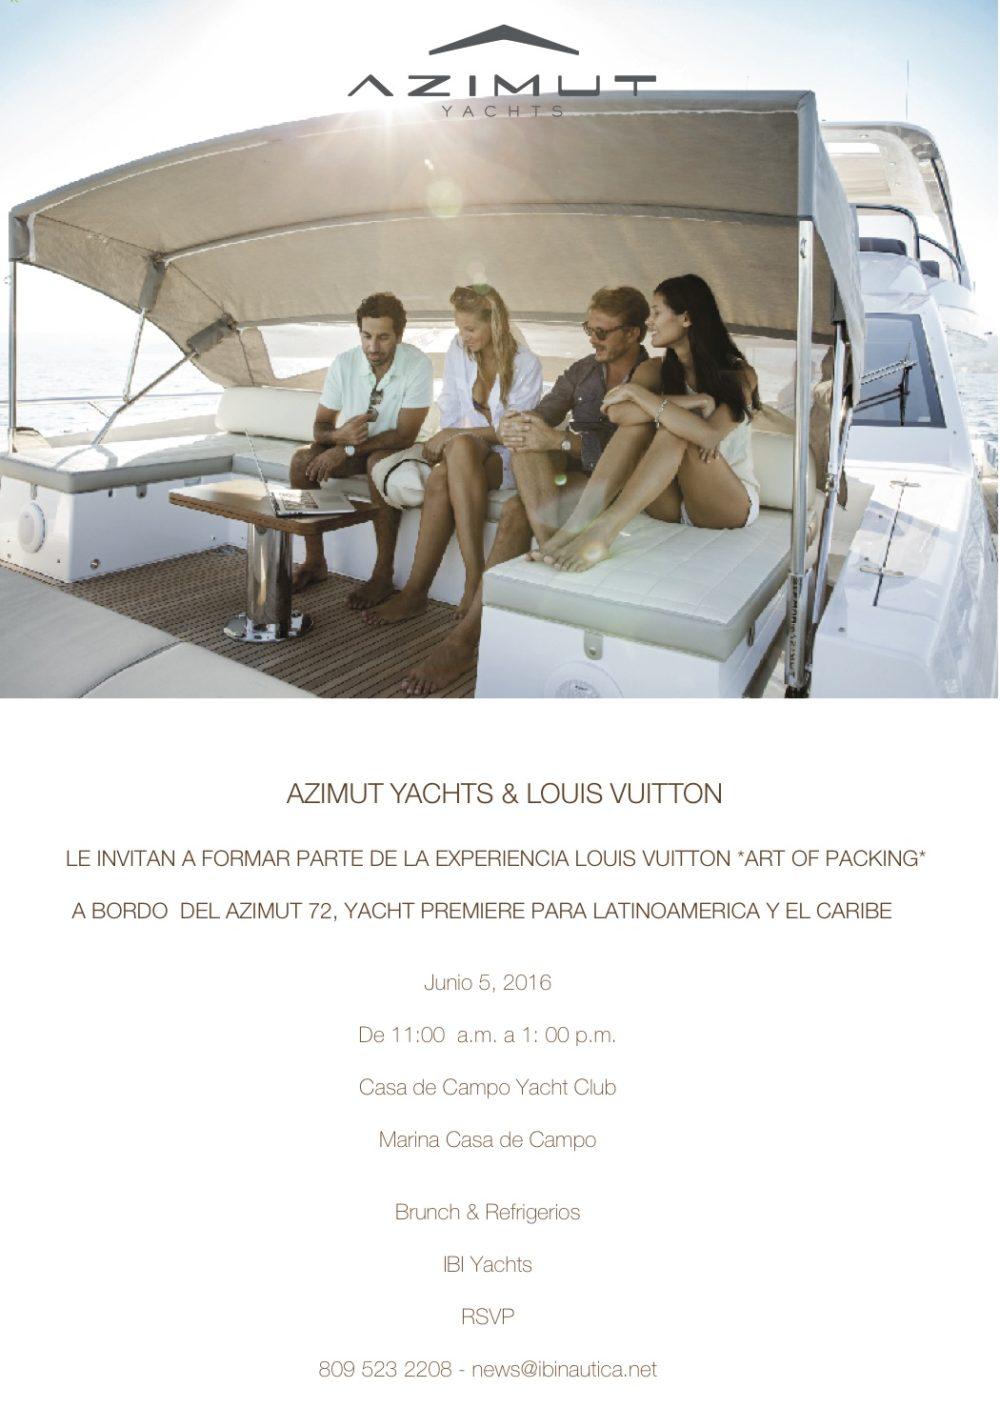 Azimut Yachts Invitation